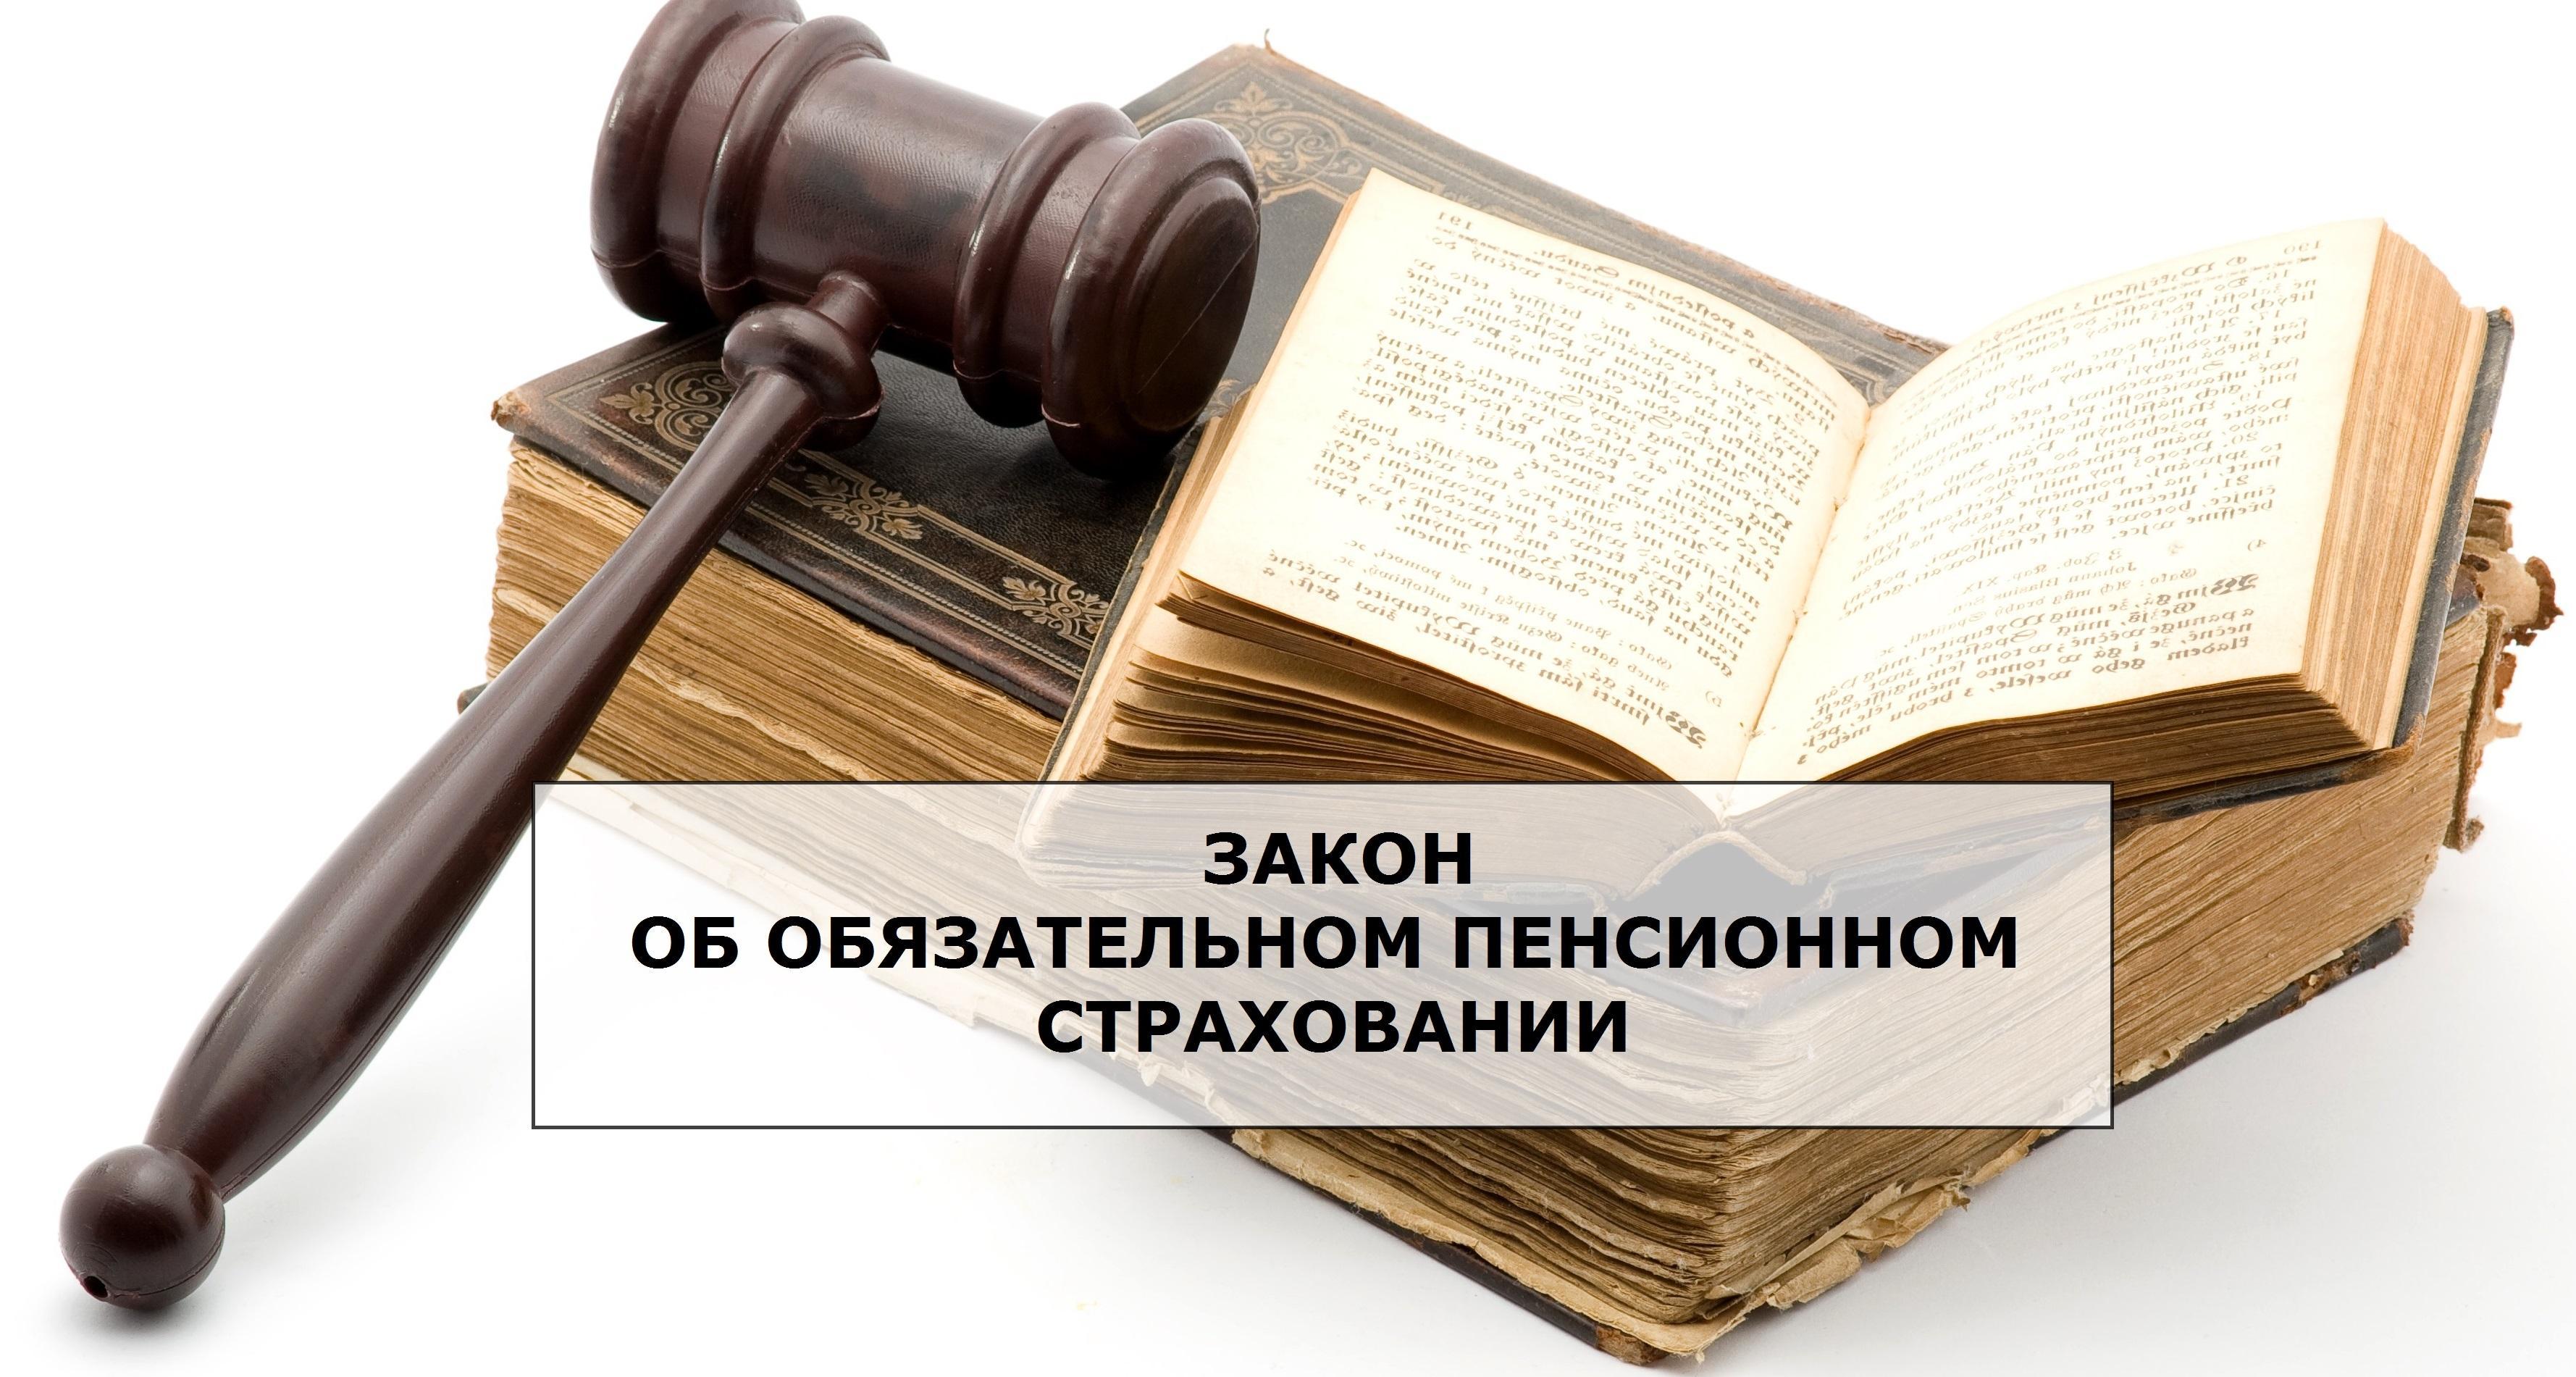 Закон о пенсионном страховании